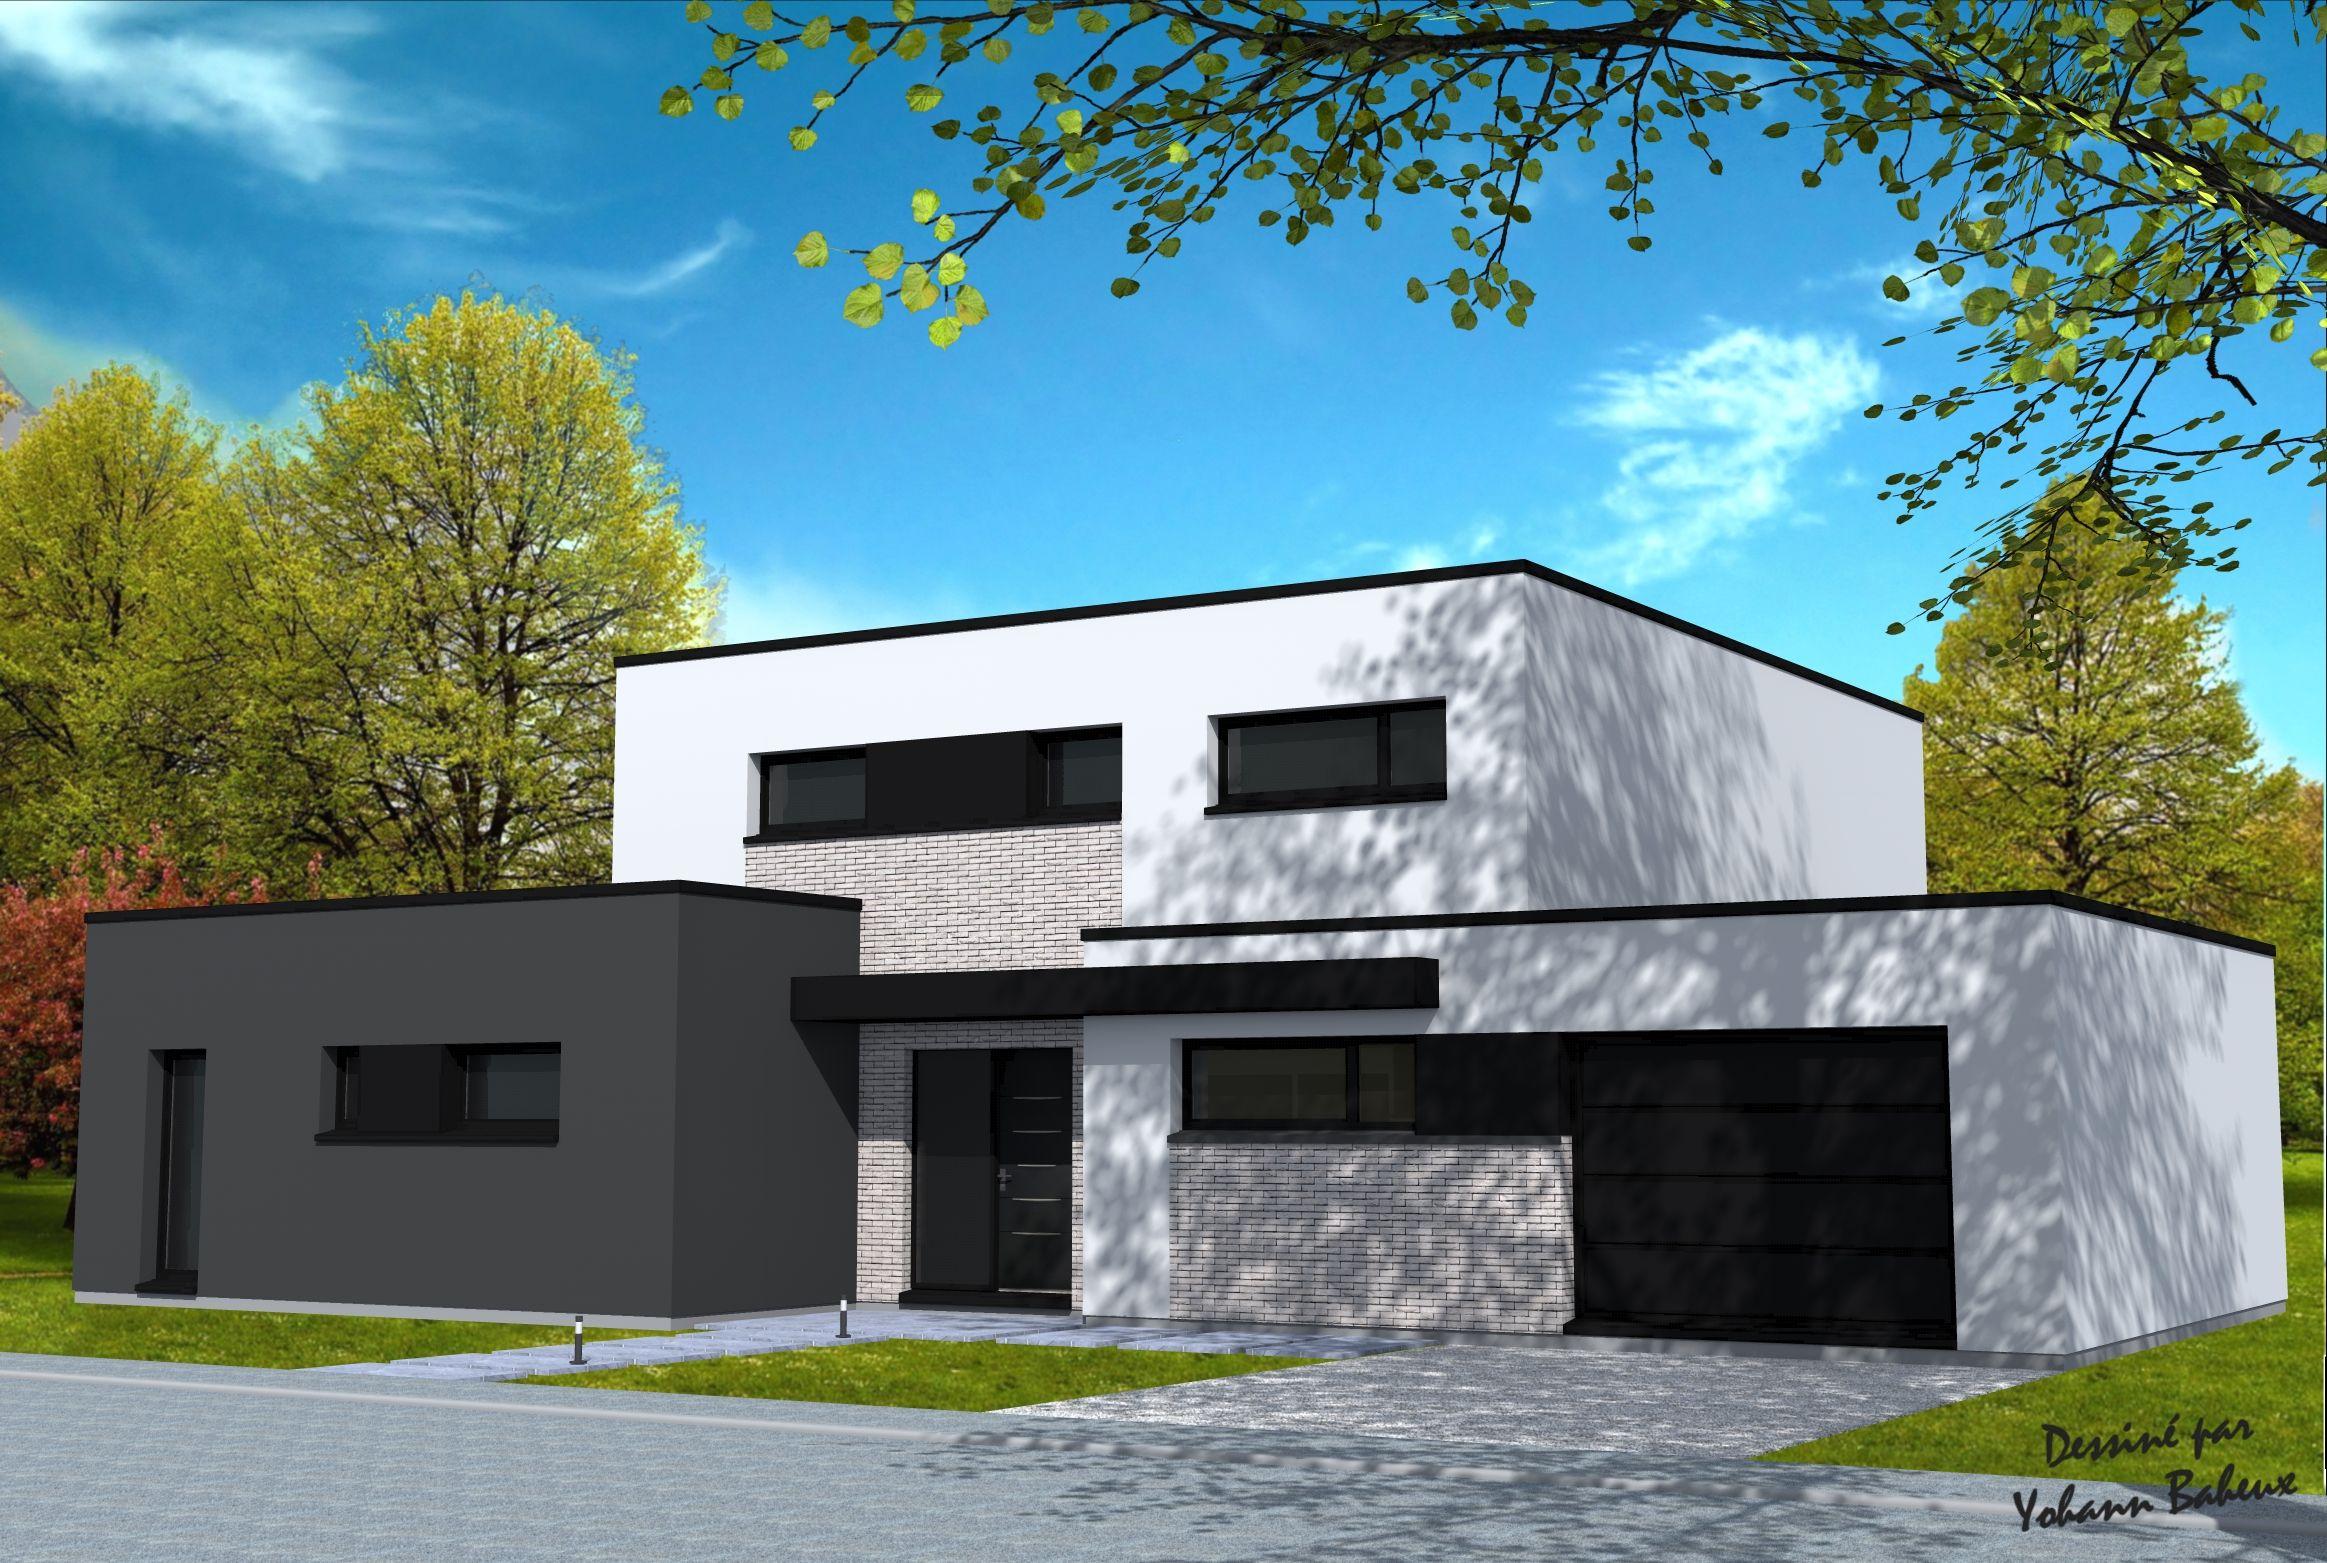 Maison de 3 cubes avec diffrentes hauteurs parties en briques grises enduit blanc et gris